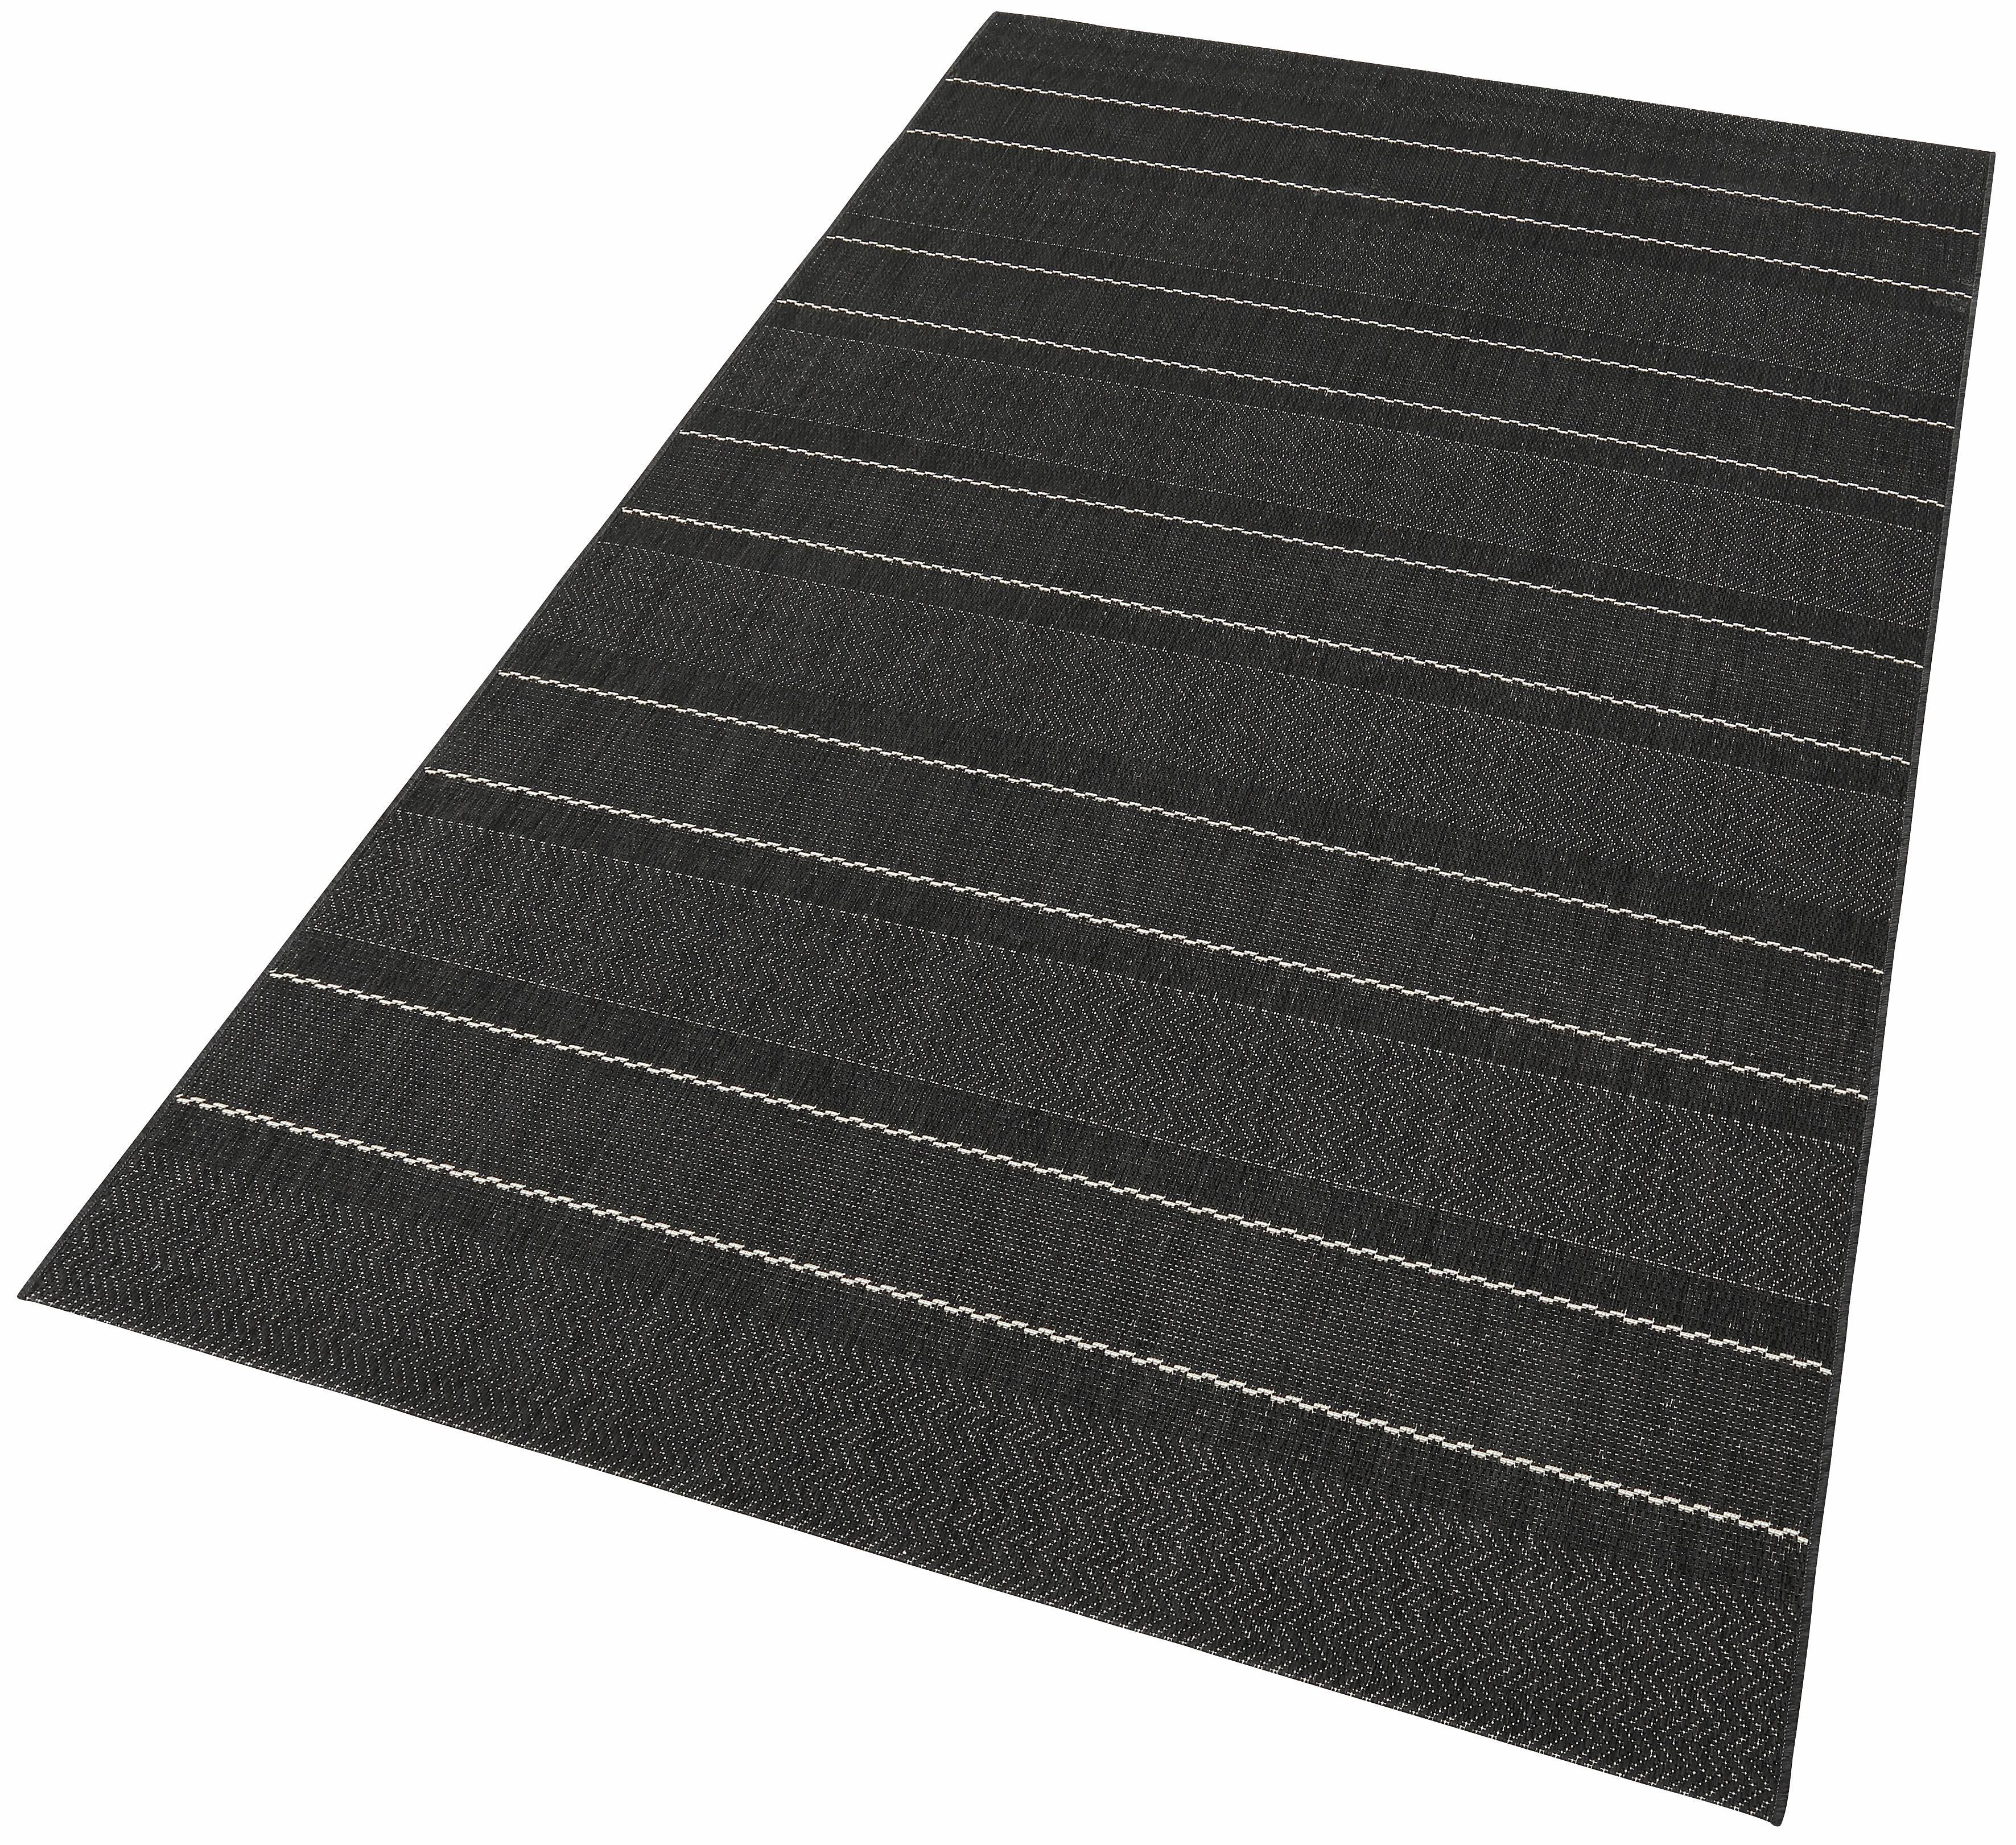 teppich f rth hanse home rechteckig h he 8 mm. Black Bedroom Furniture Sets. Home Design Ideas